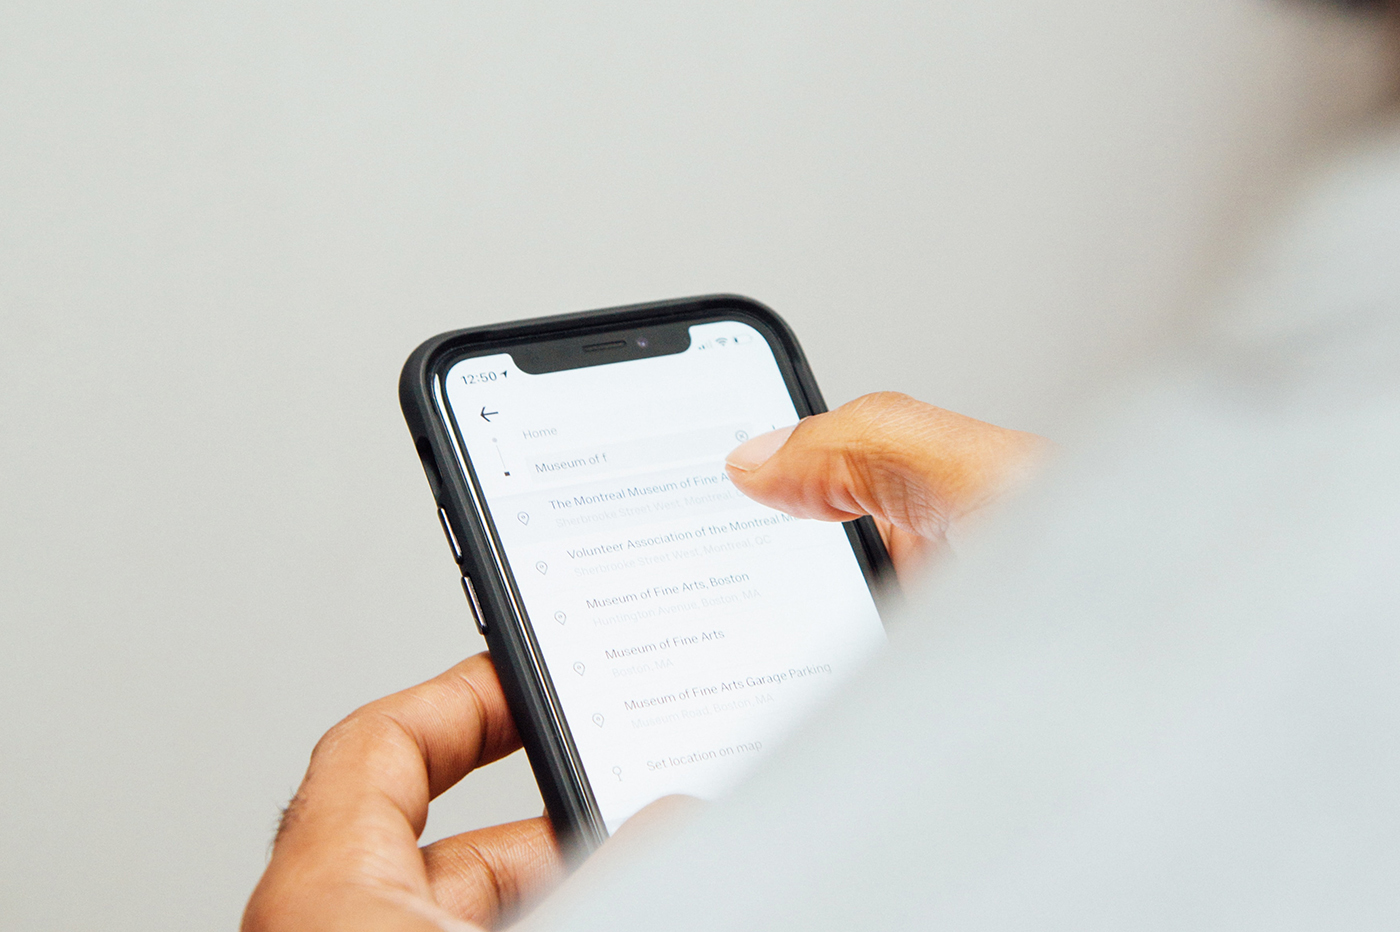 Cette faute de frappe peut rendre votre iPhone vulnérable